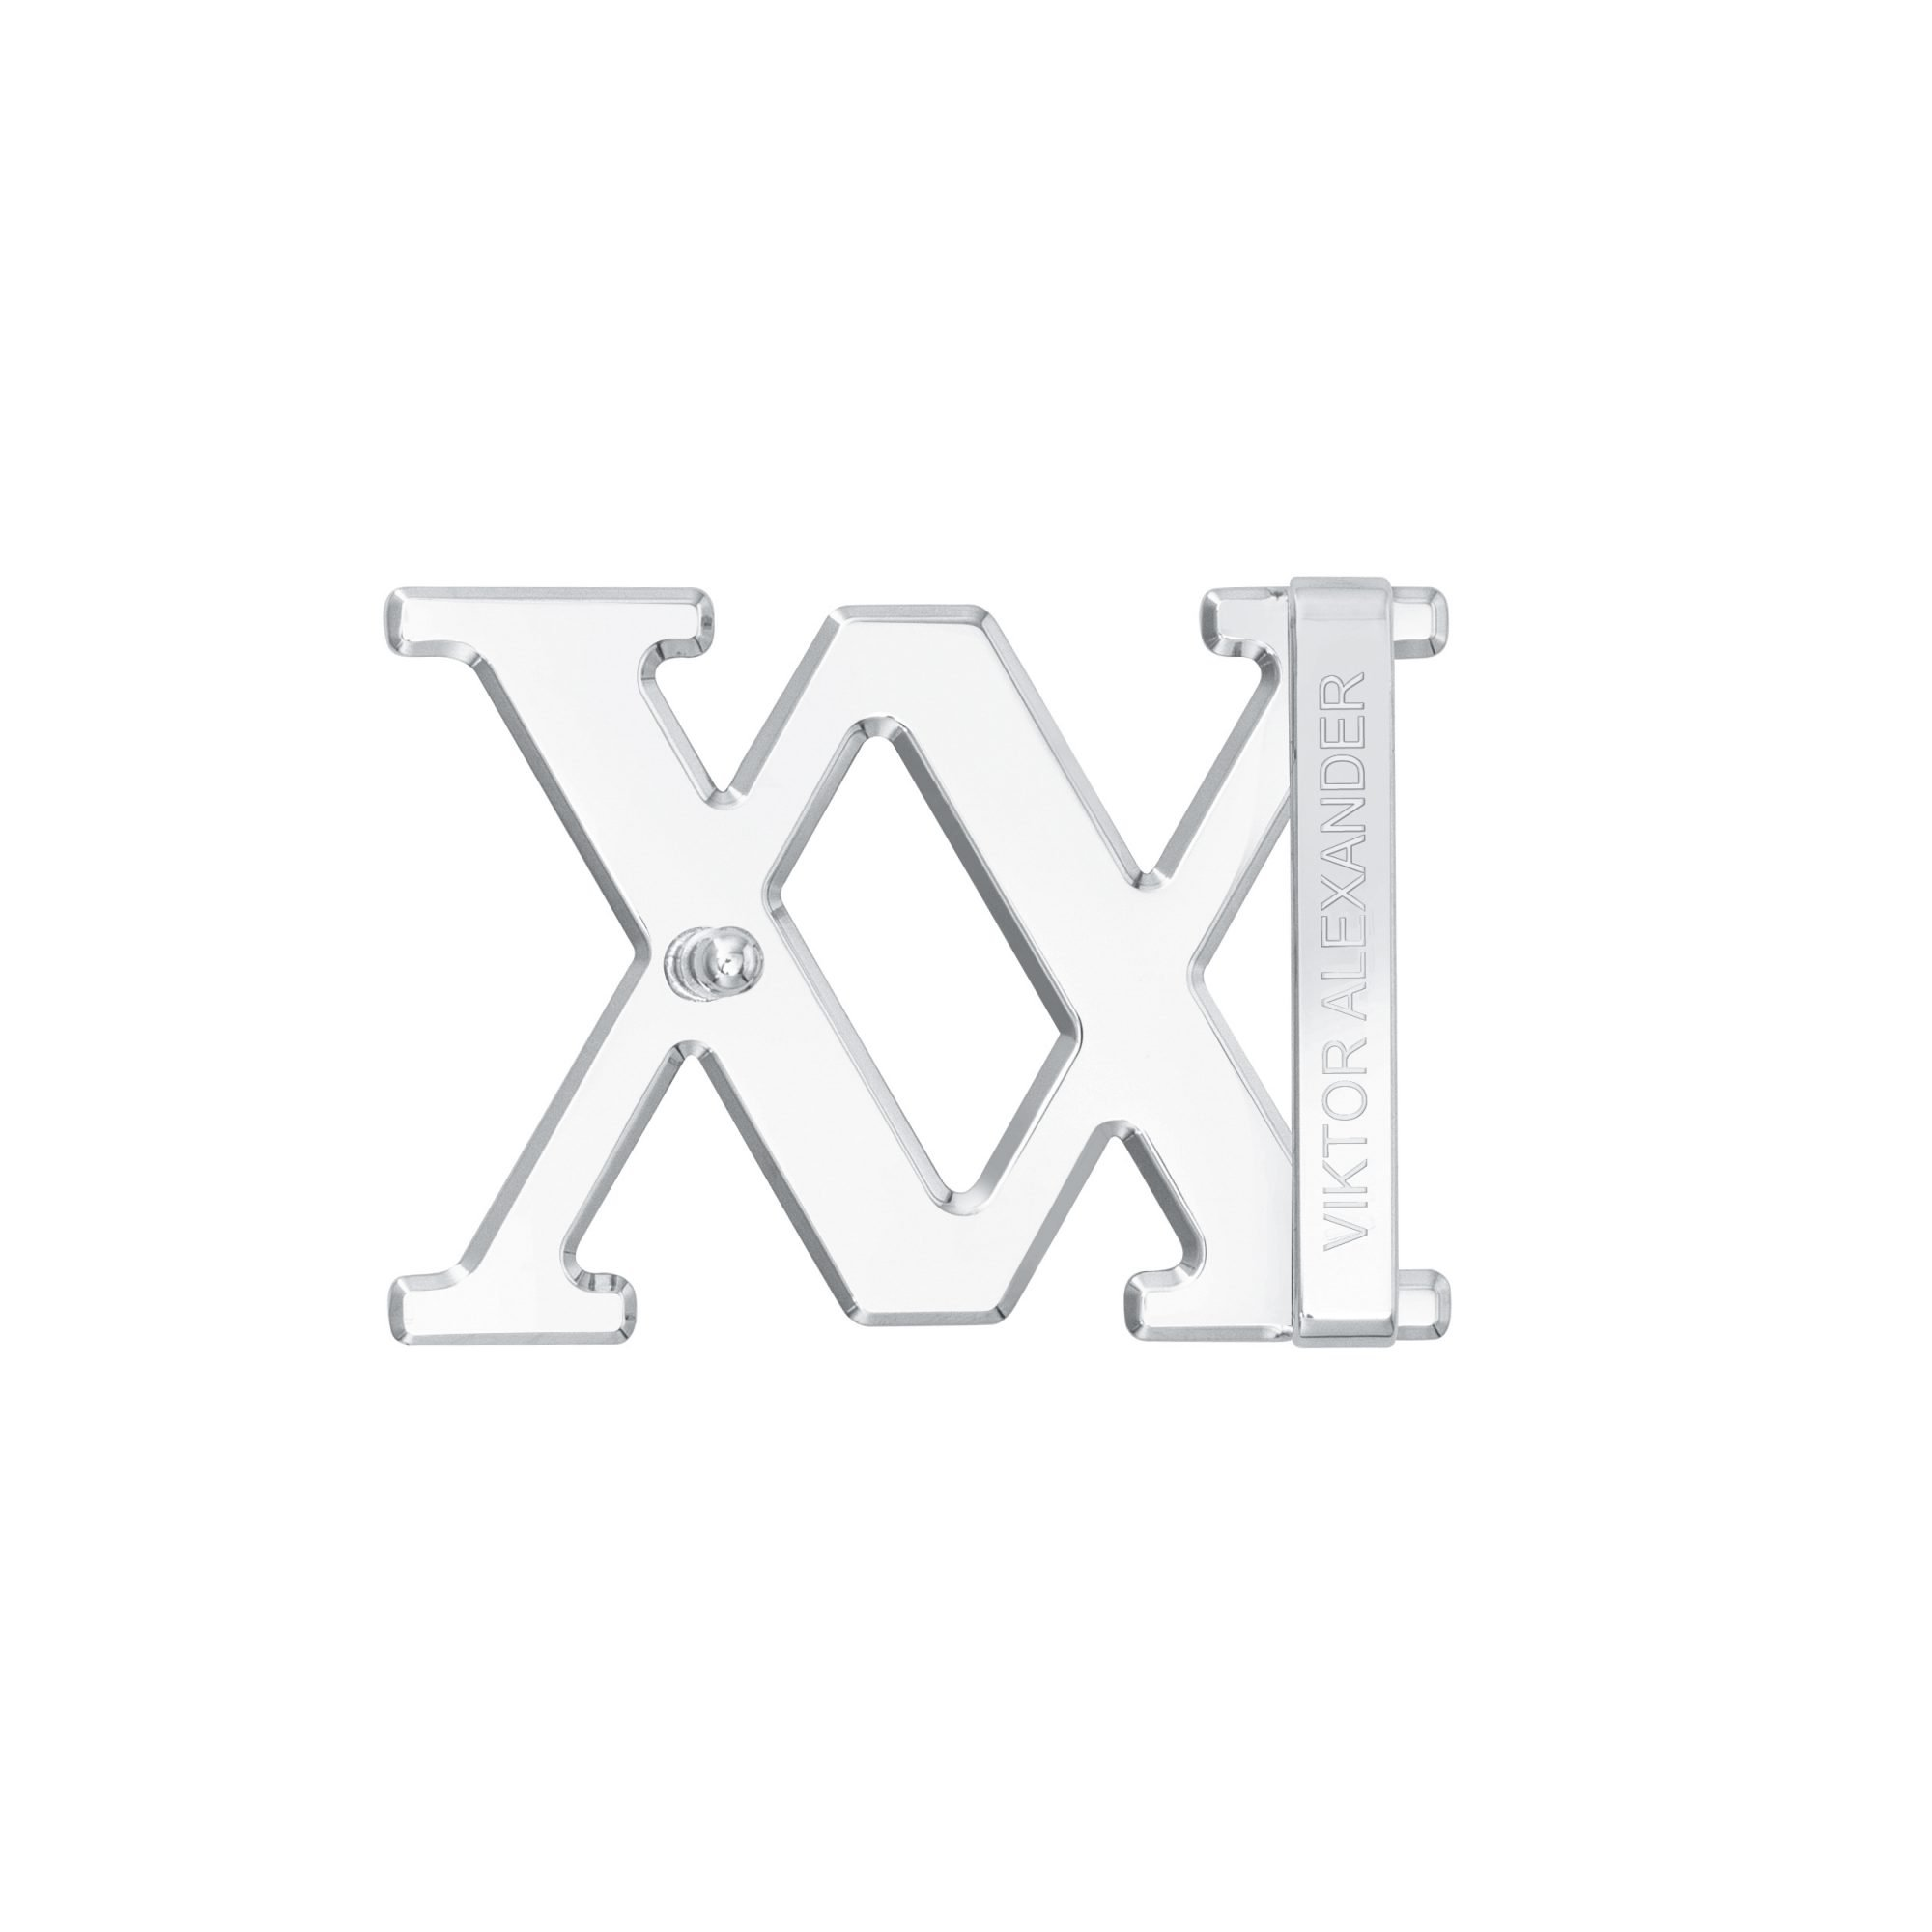 VIKTOR ALEXANDER 38MM STAINLESS STEEL BELT BUCKLE VA LOGO SIDE PROFILE